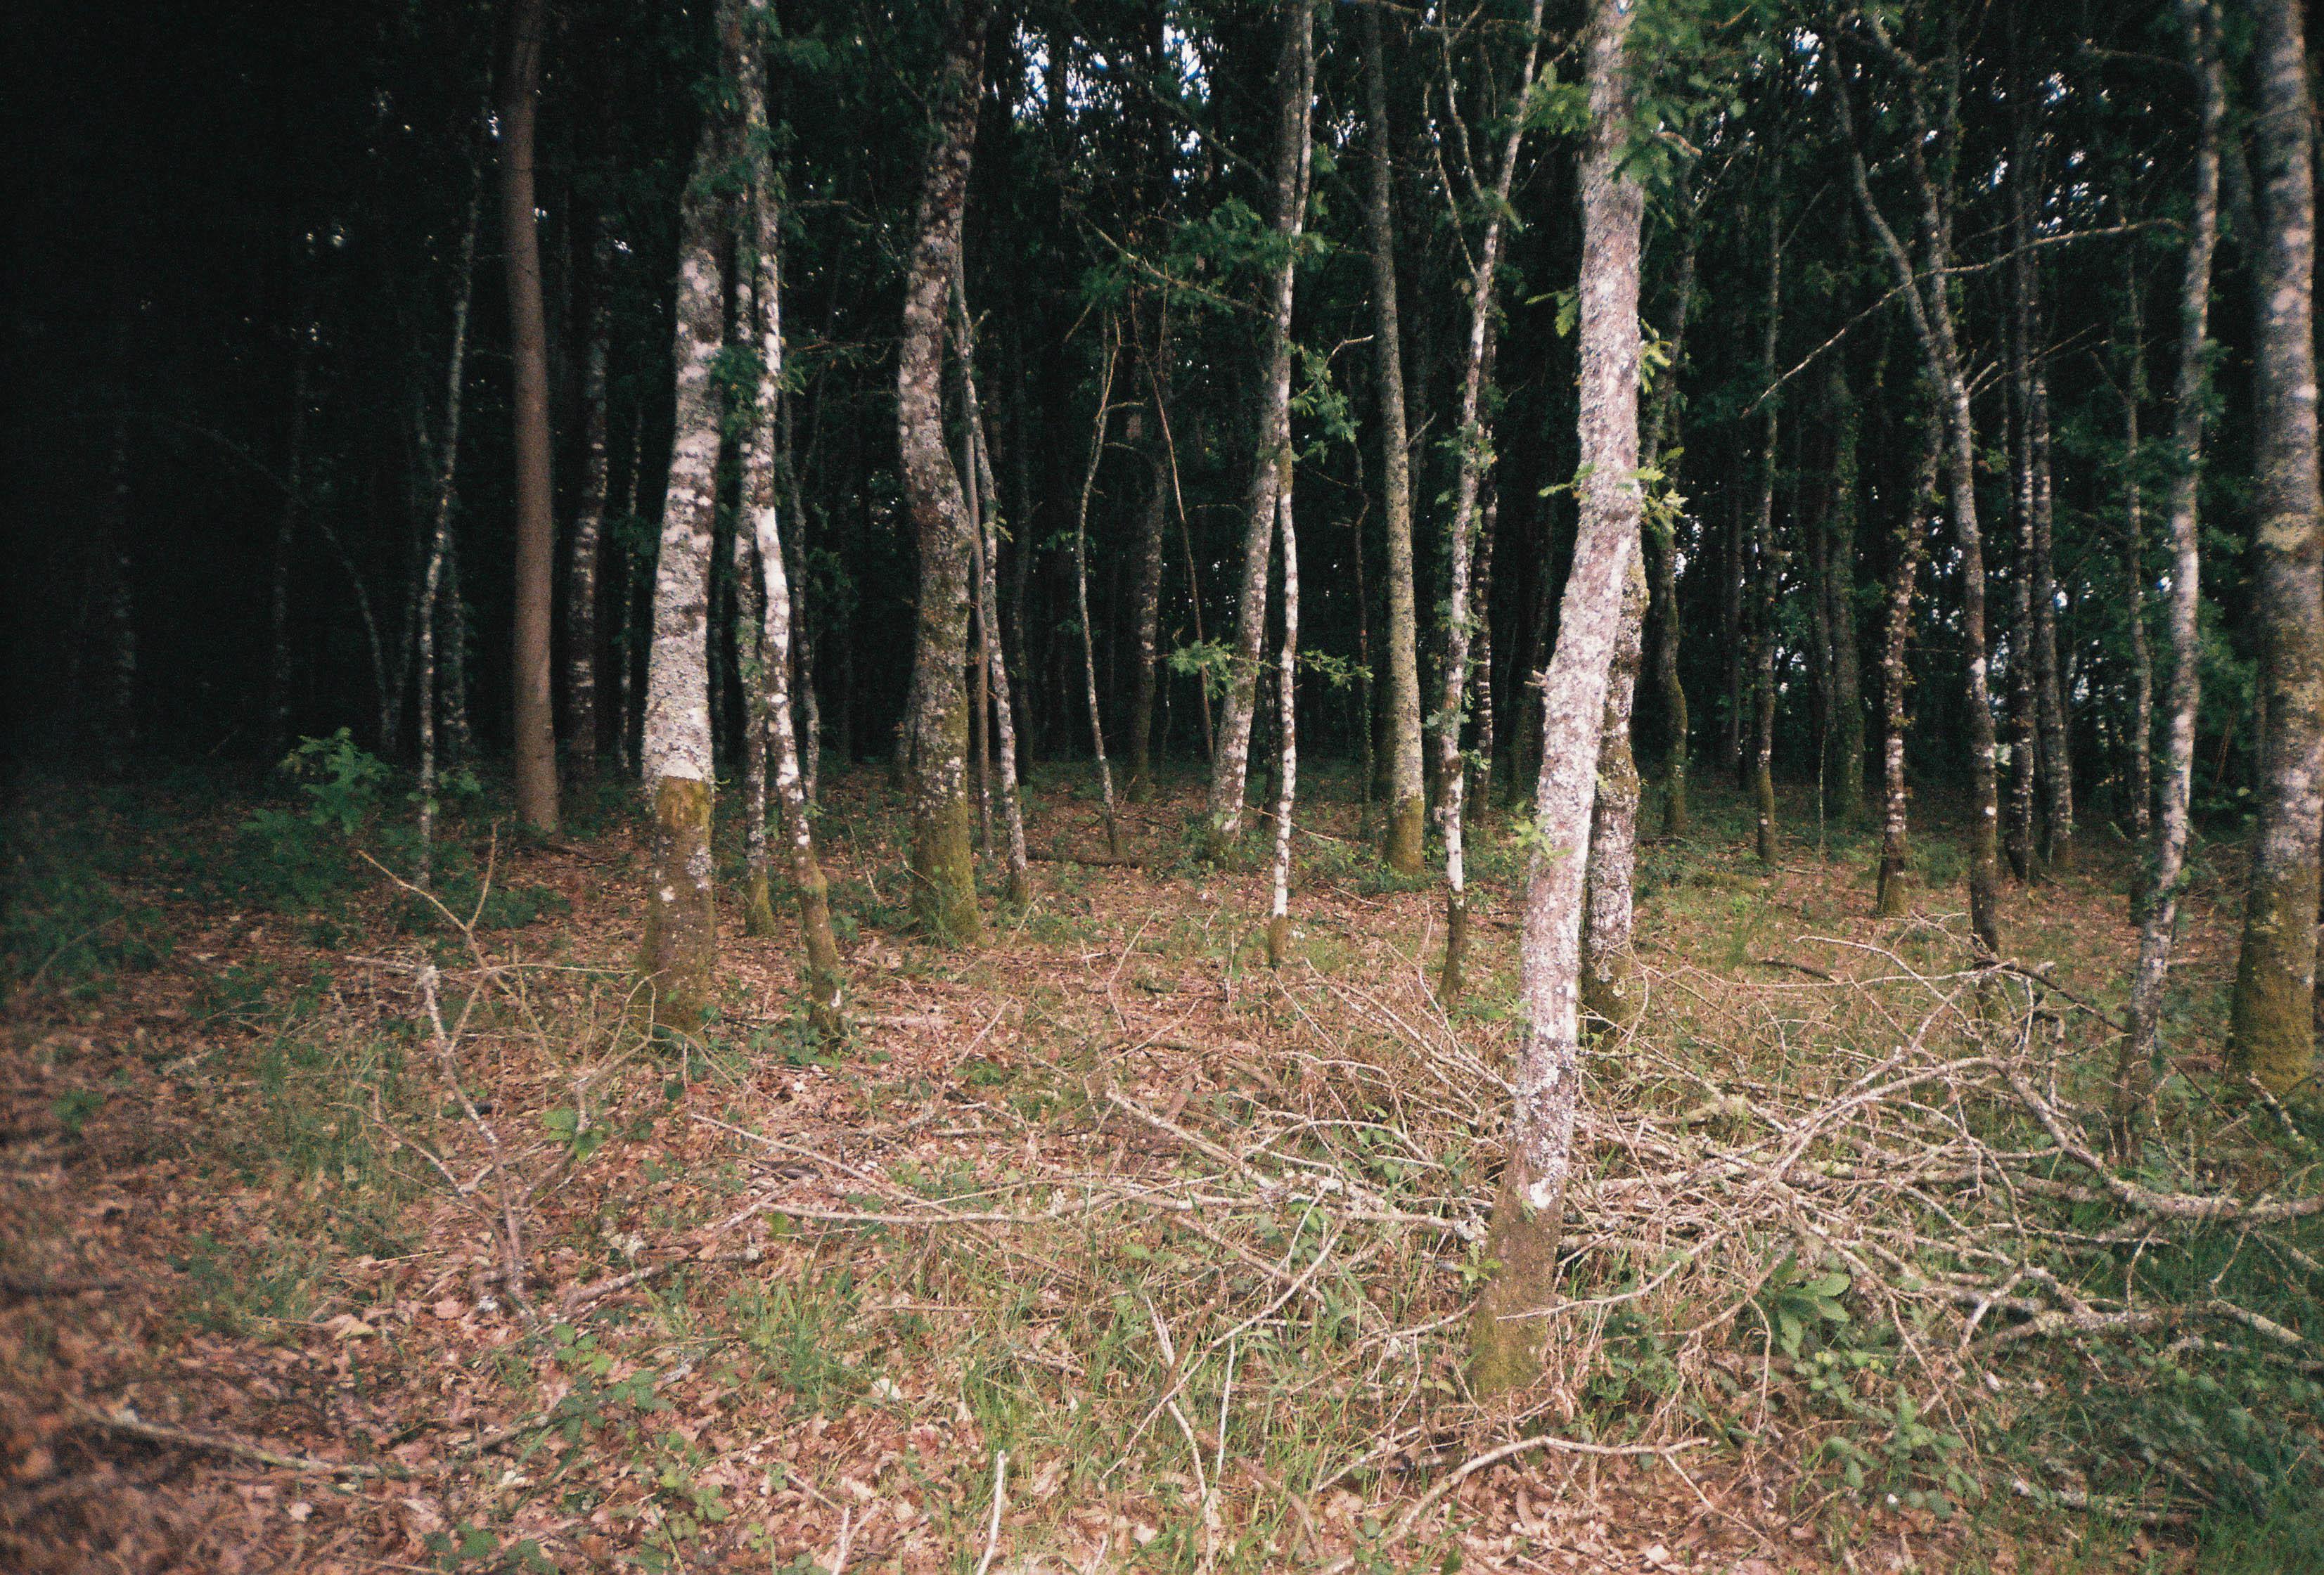 http://lafilladelfotografu.irenavisa.com/files/gimgs/97_f1000008-1.jpg